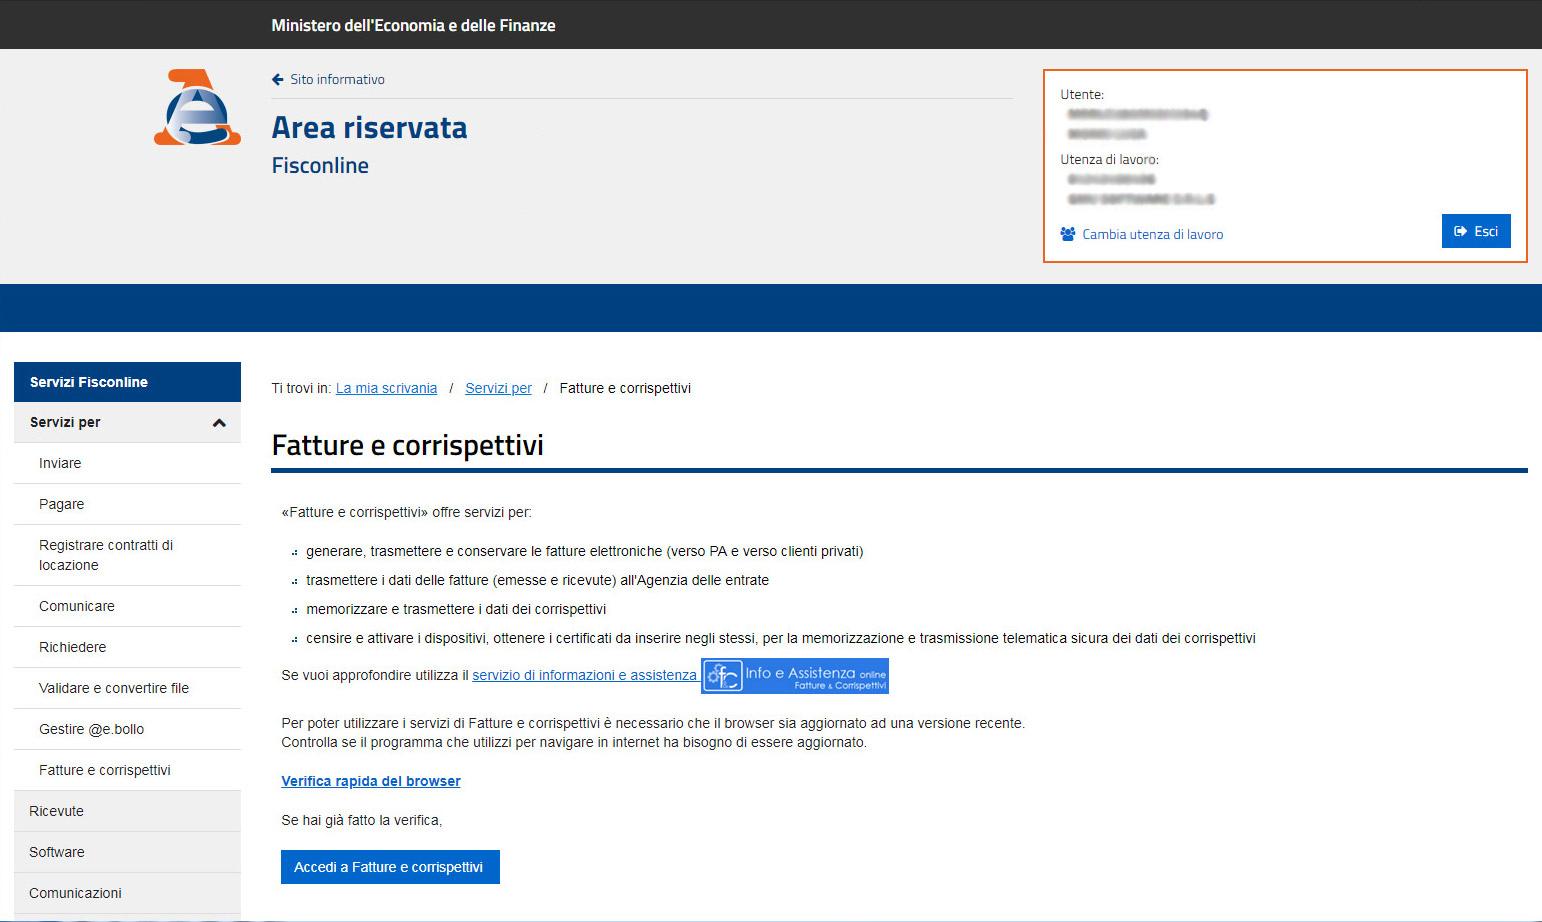 Agenzia Entrate - Seleziona utenza di lavoro